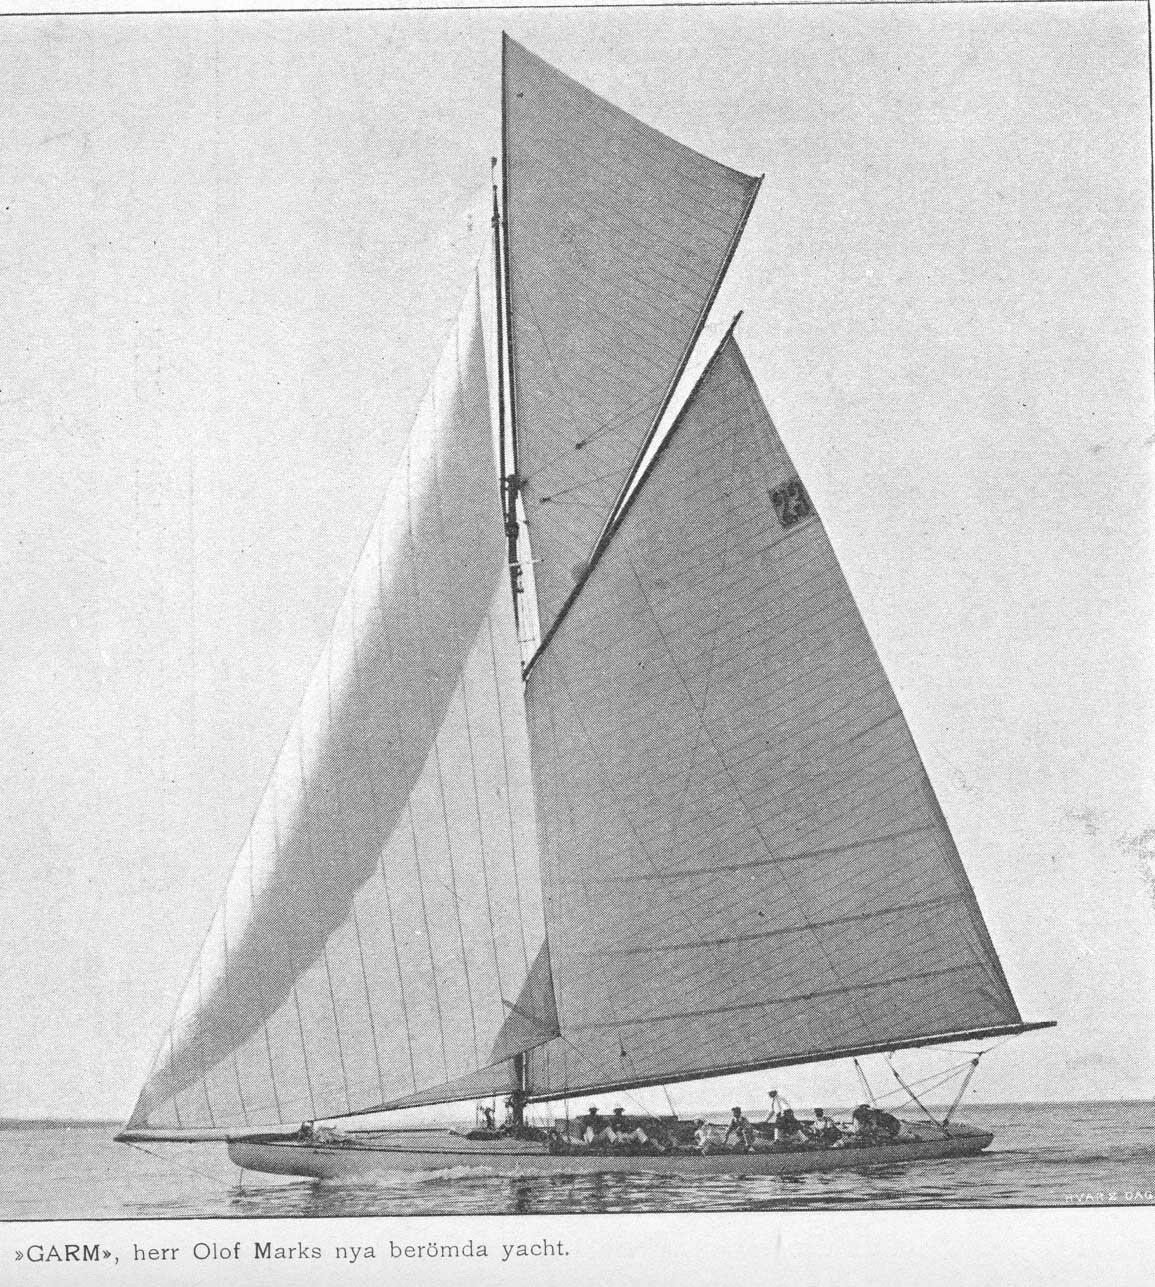 garm_IV_sailing